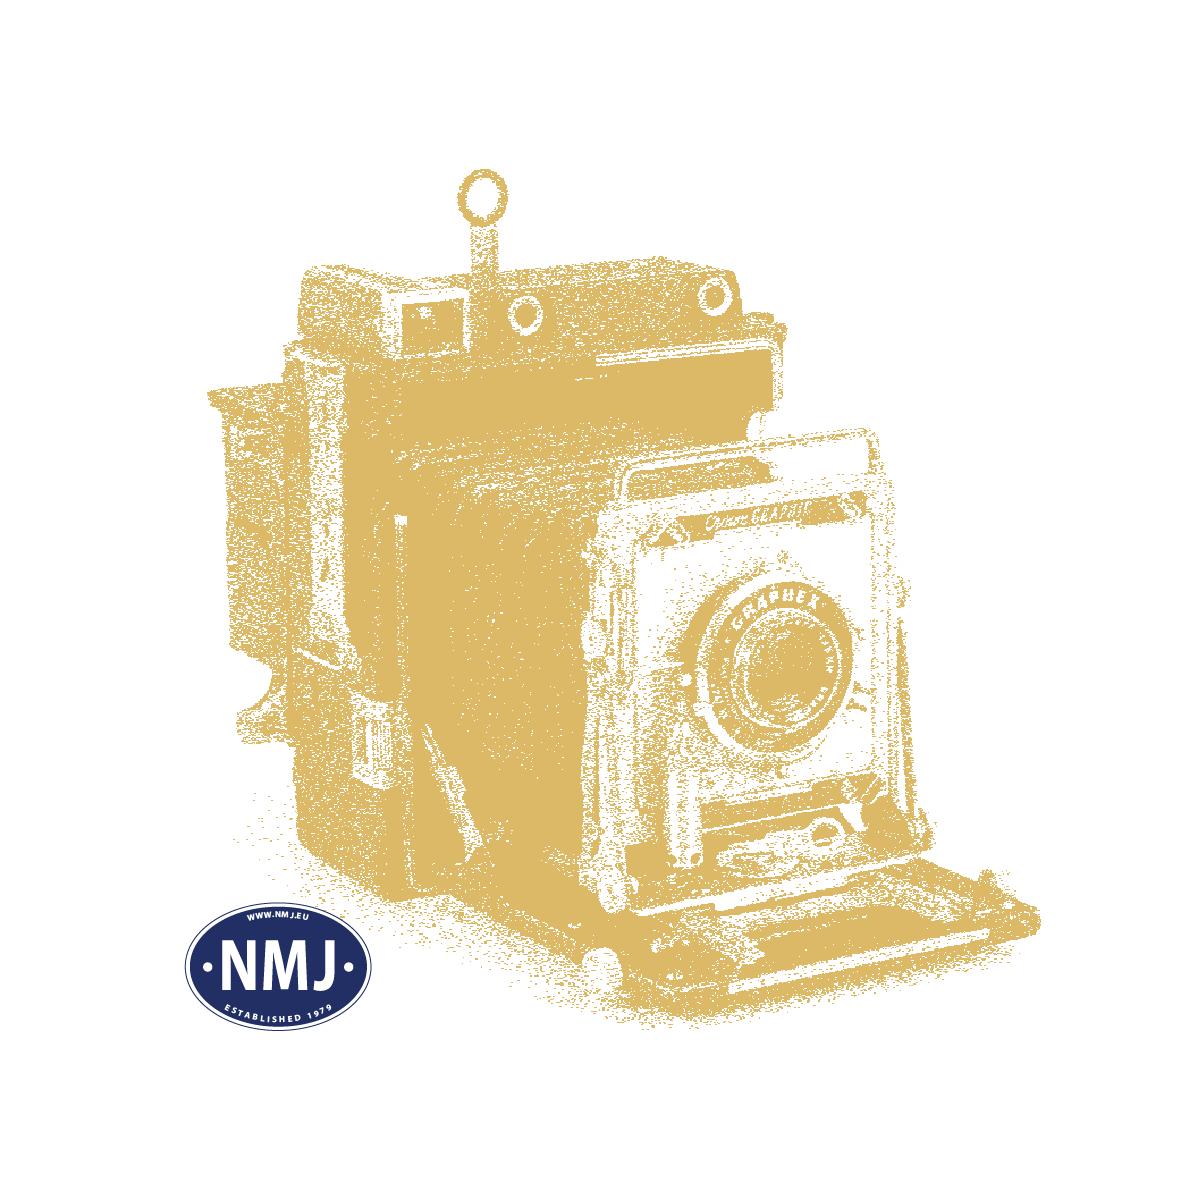 AKI759 - White Primer and Microfiller